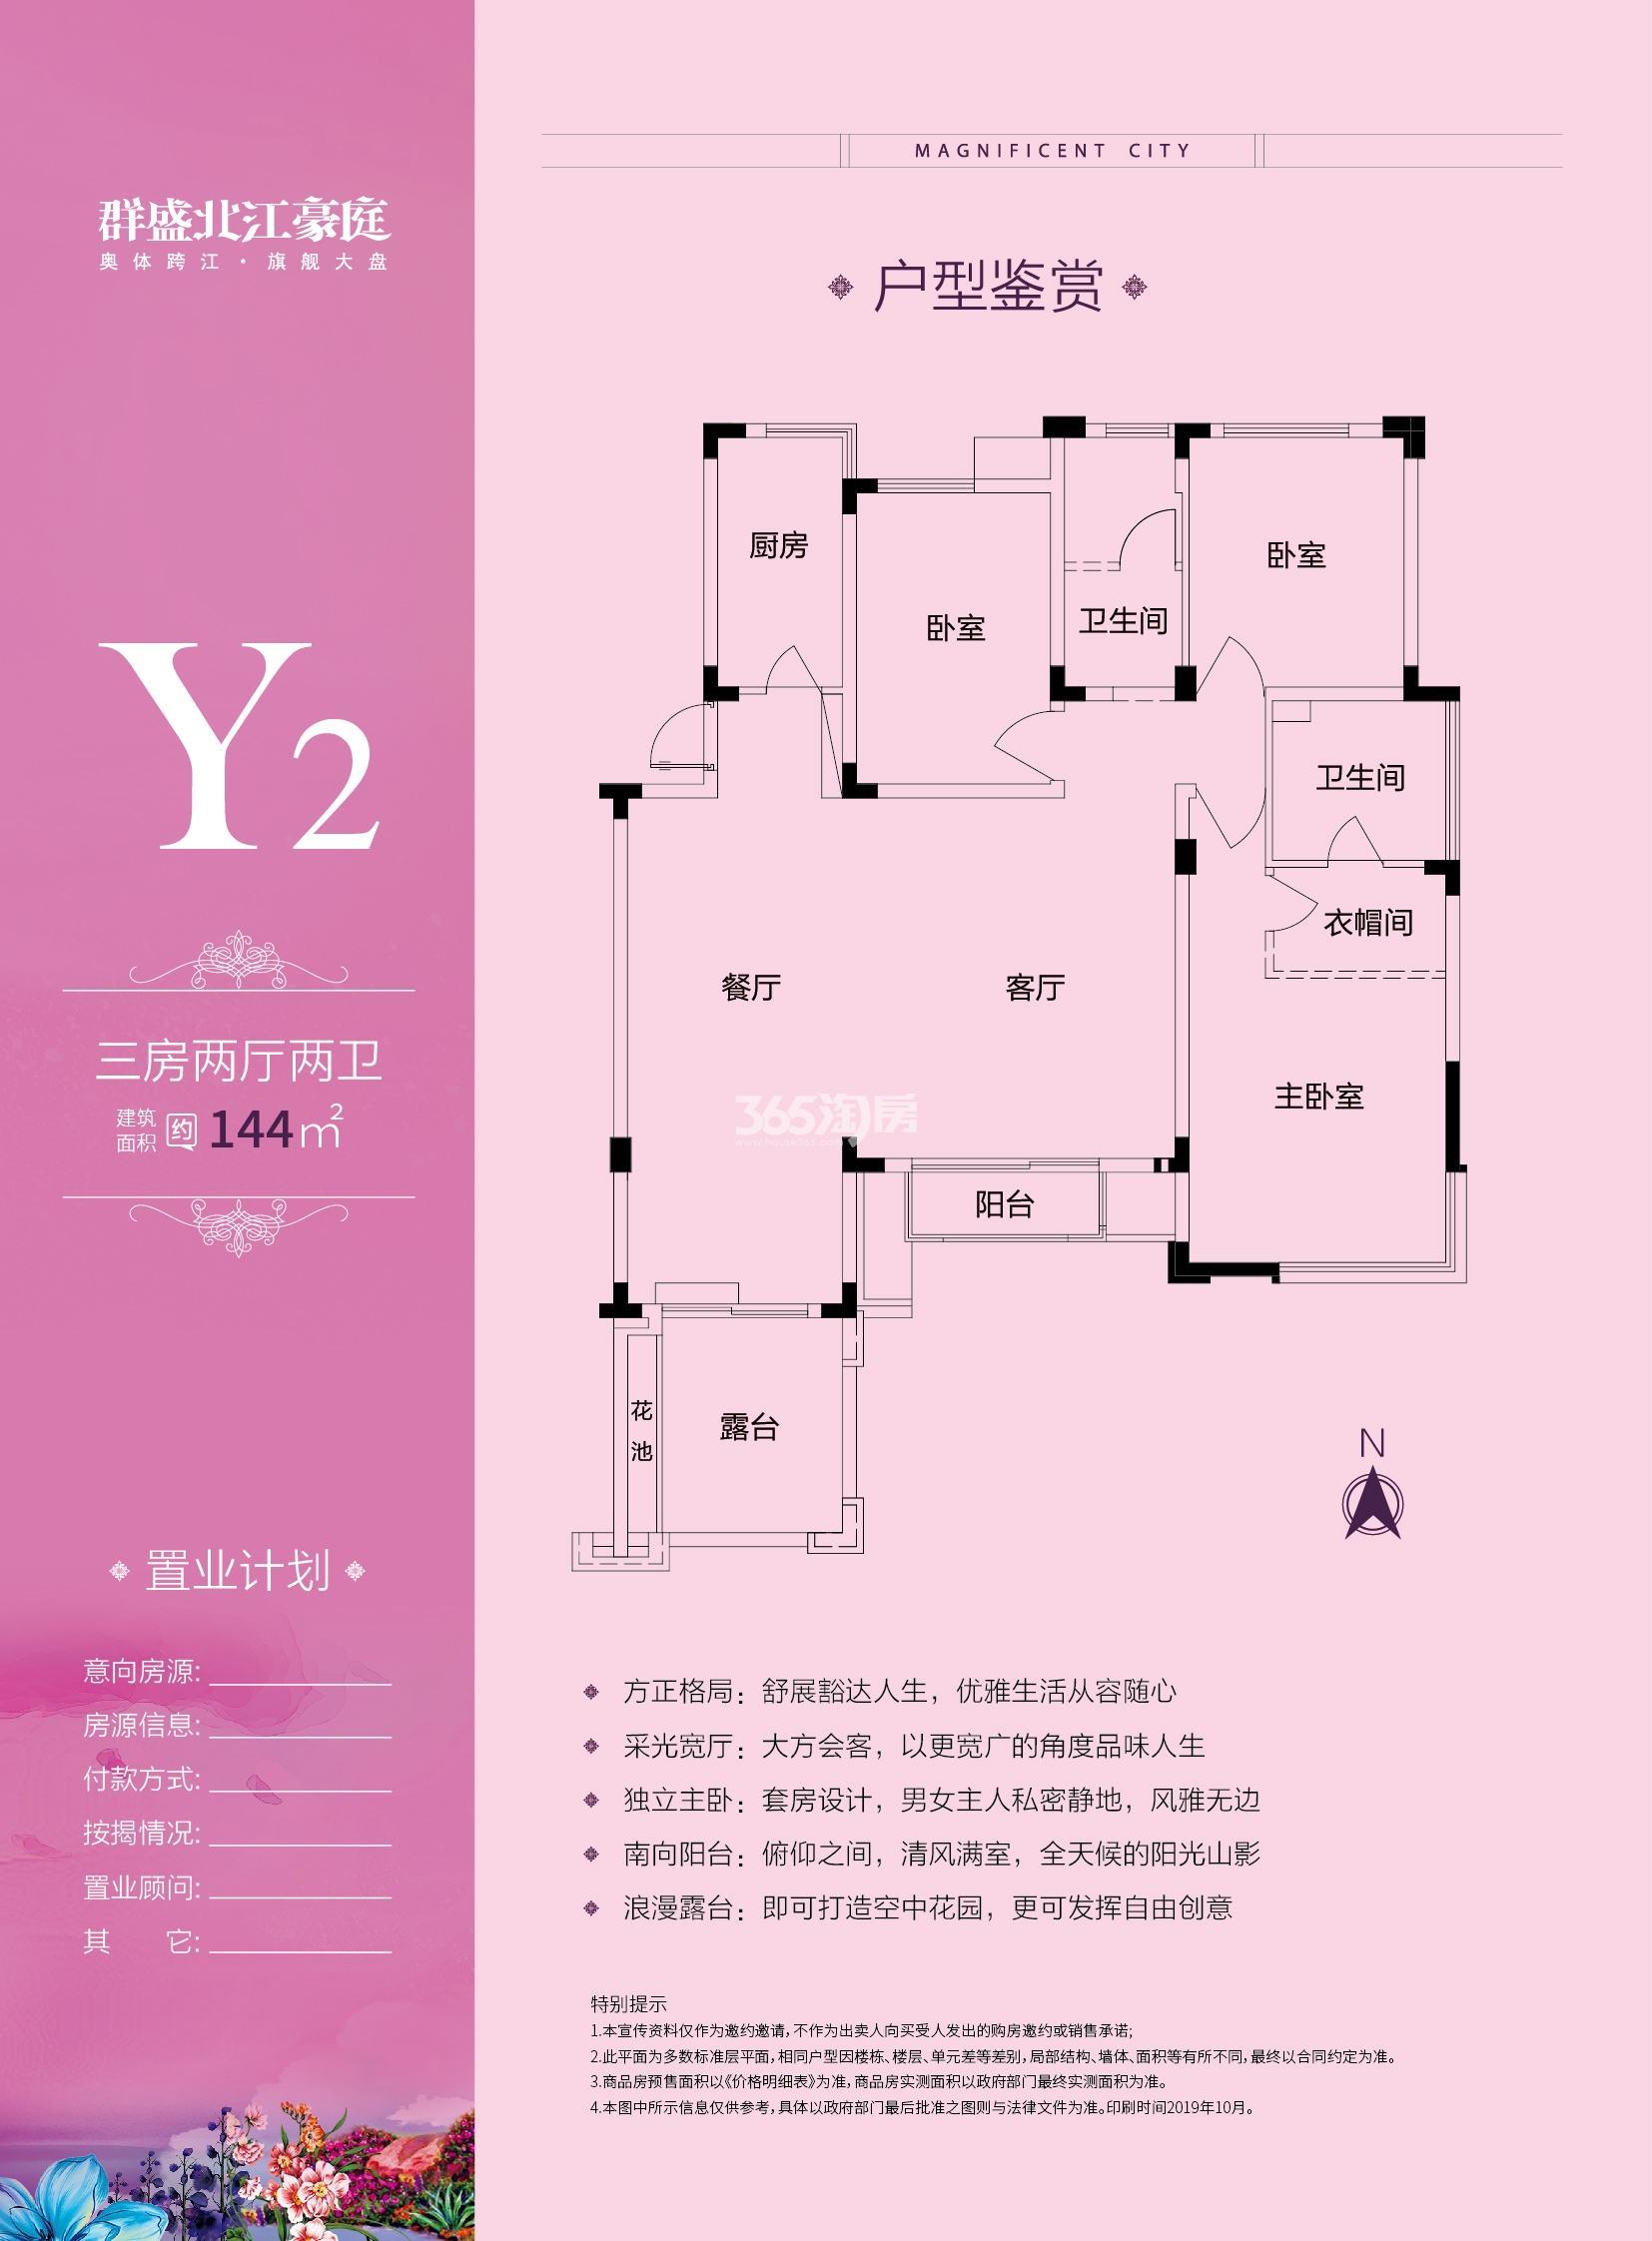 北江锦城洋房Y2户型图约144㎡